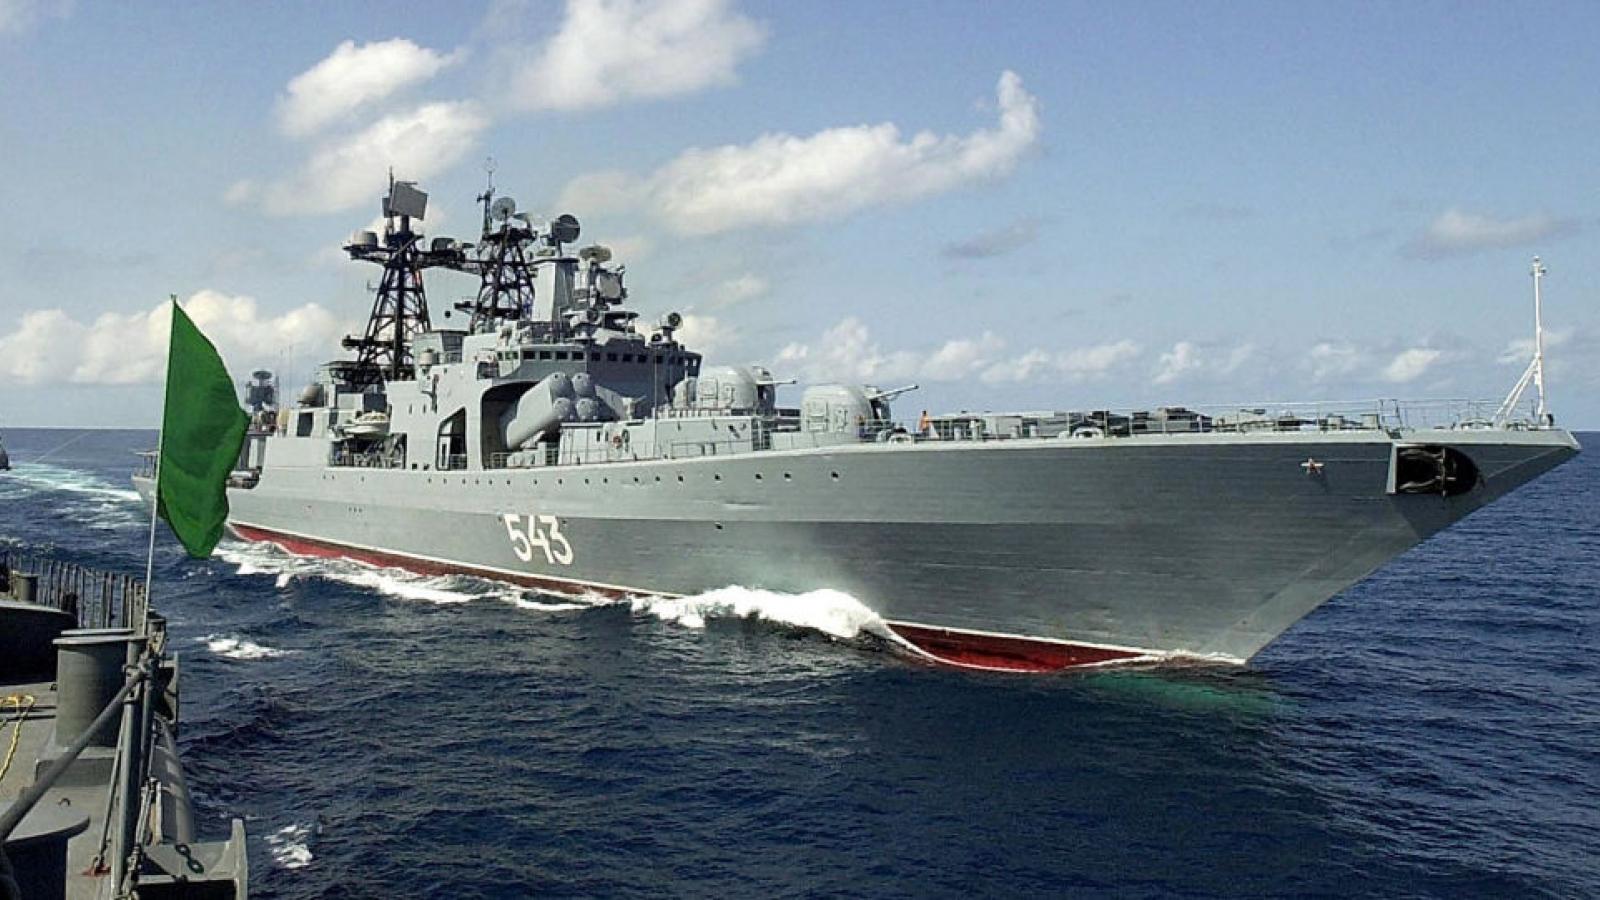 Khinh hạm Shaposhnikov của Nga phóng tên lửa hành trình Kalibr trên Biển Nhật Bản